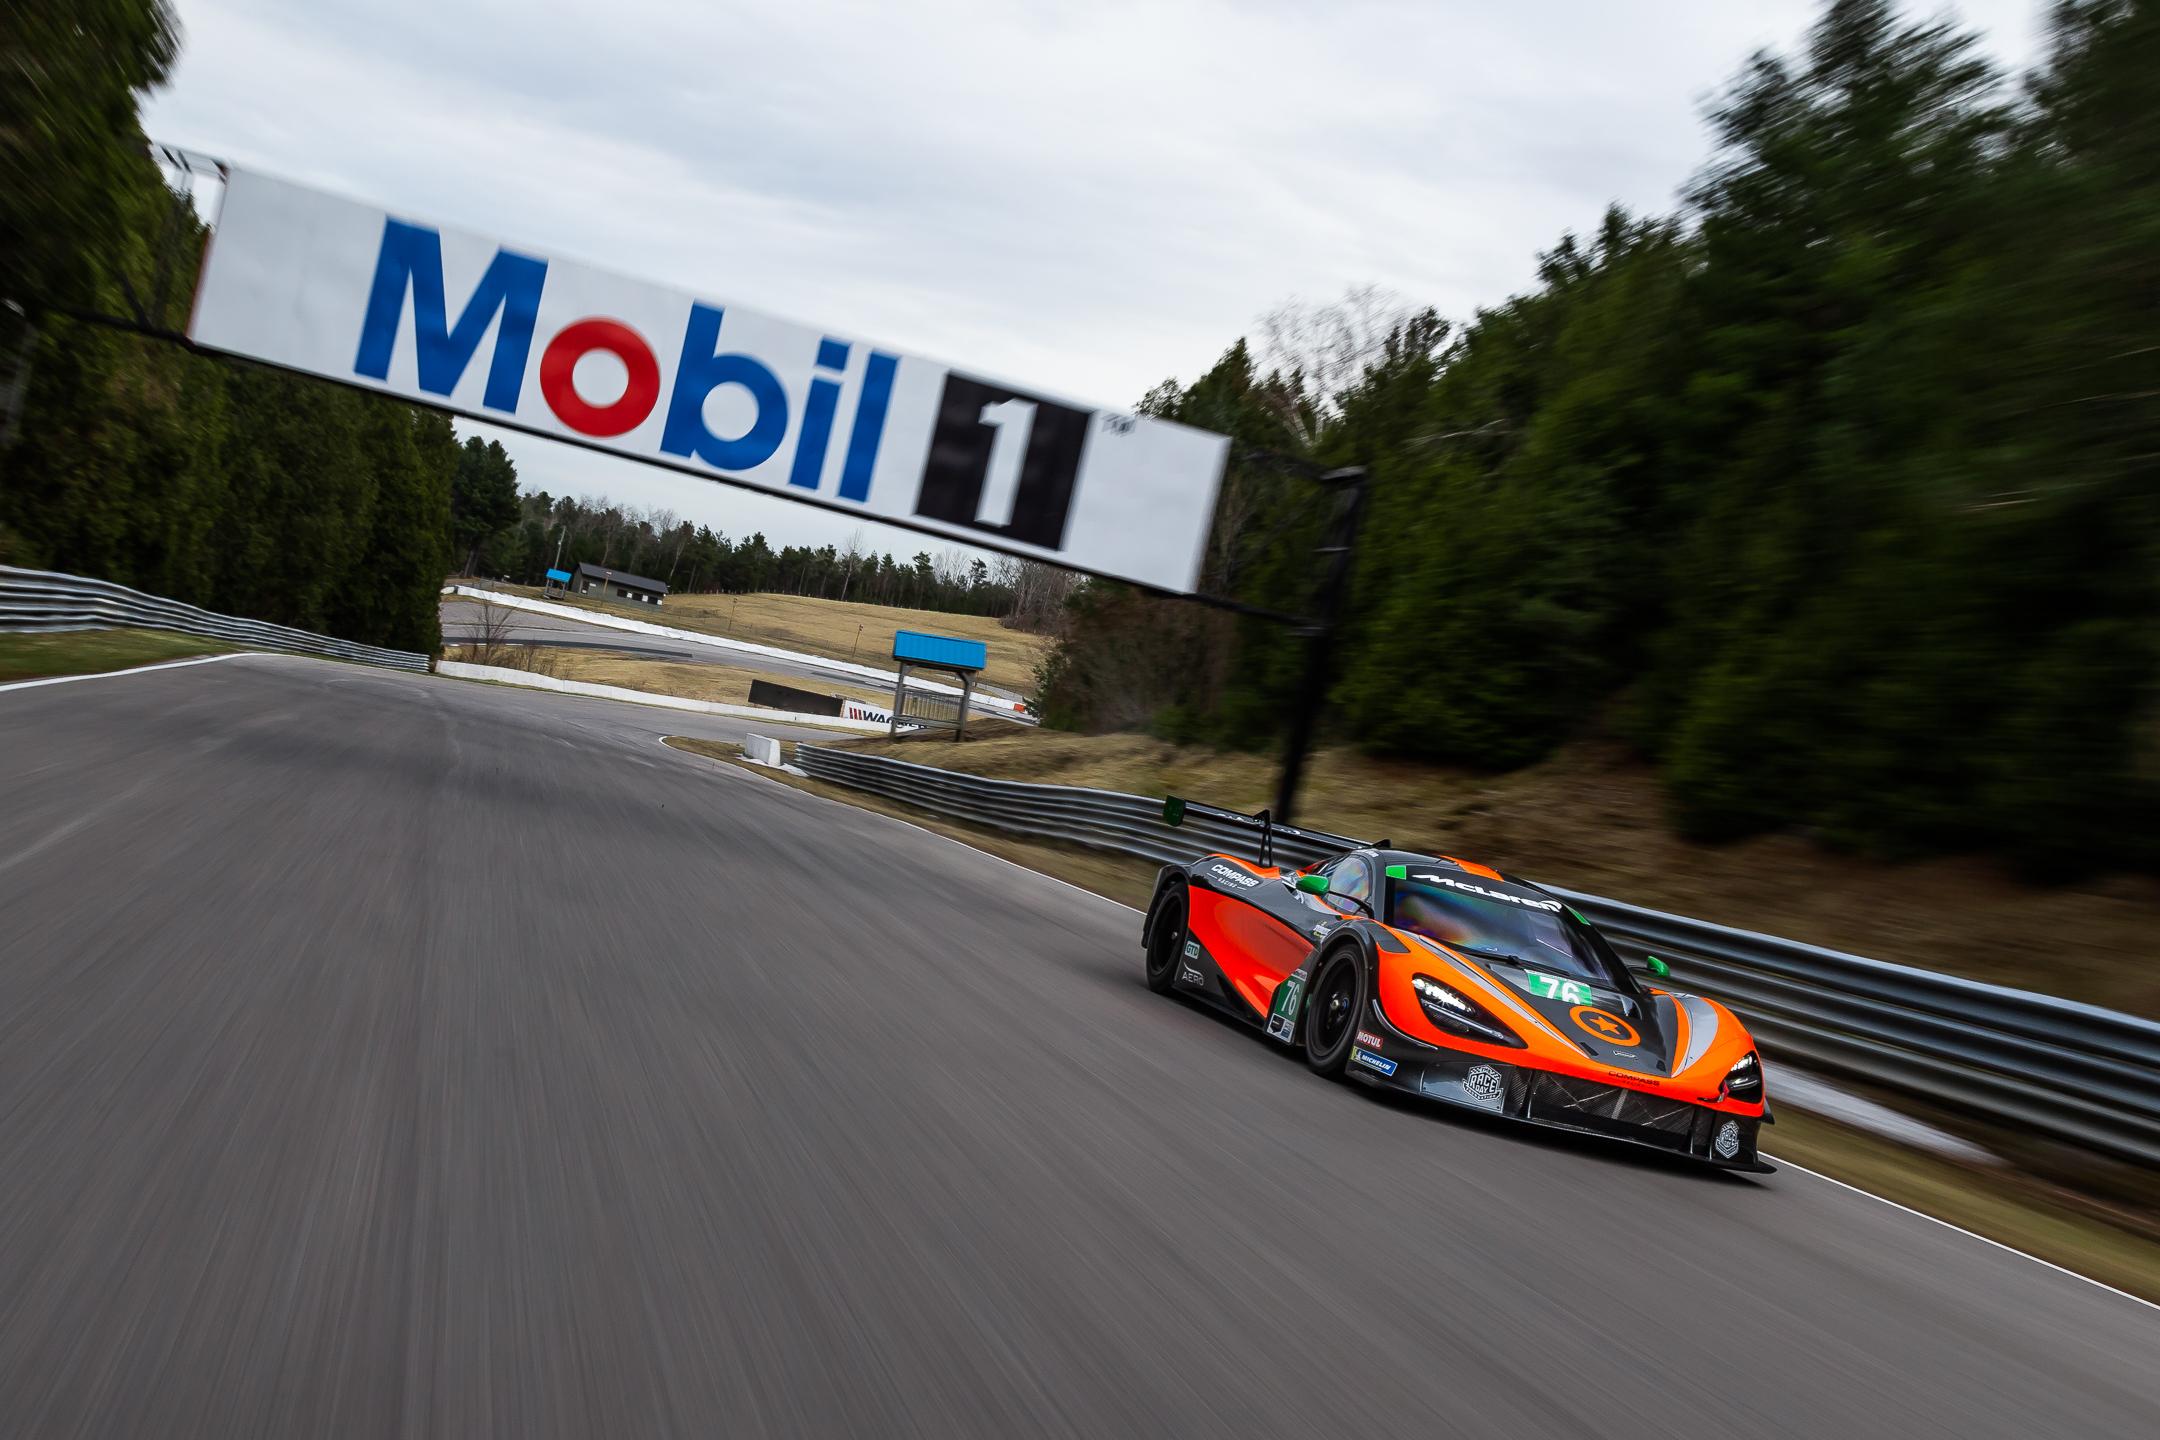 McLaren 720S GT3 - Compass Racing-9003-3.jpg